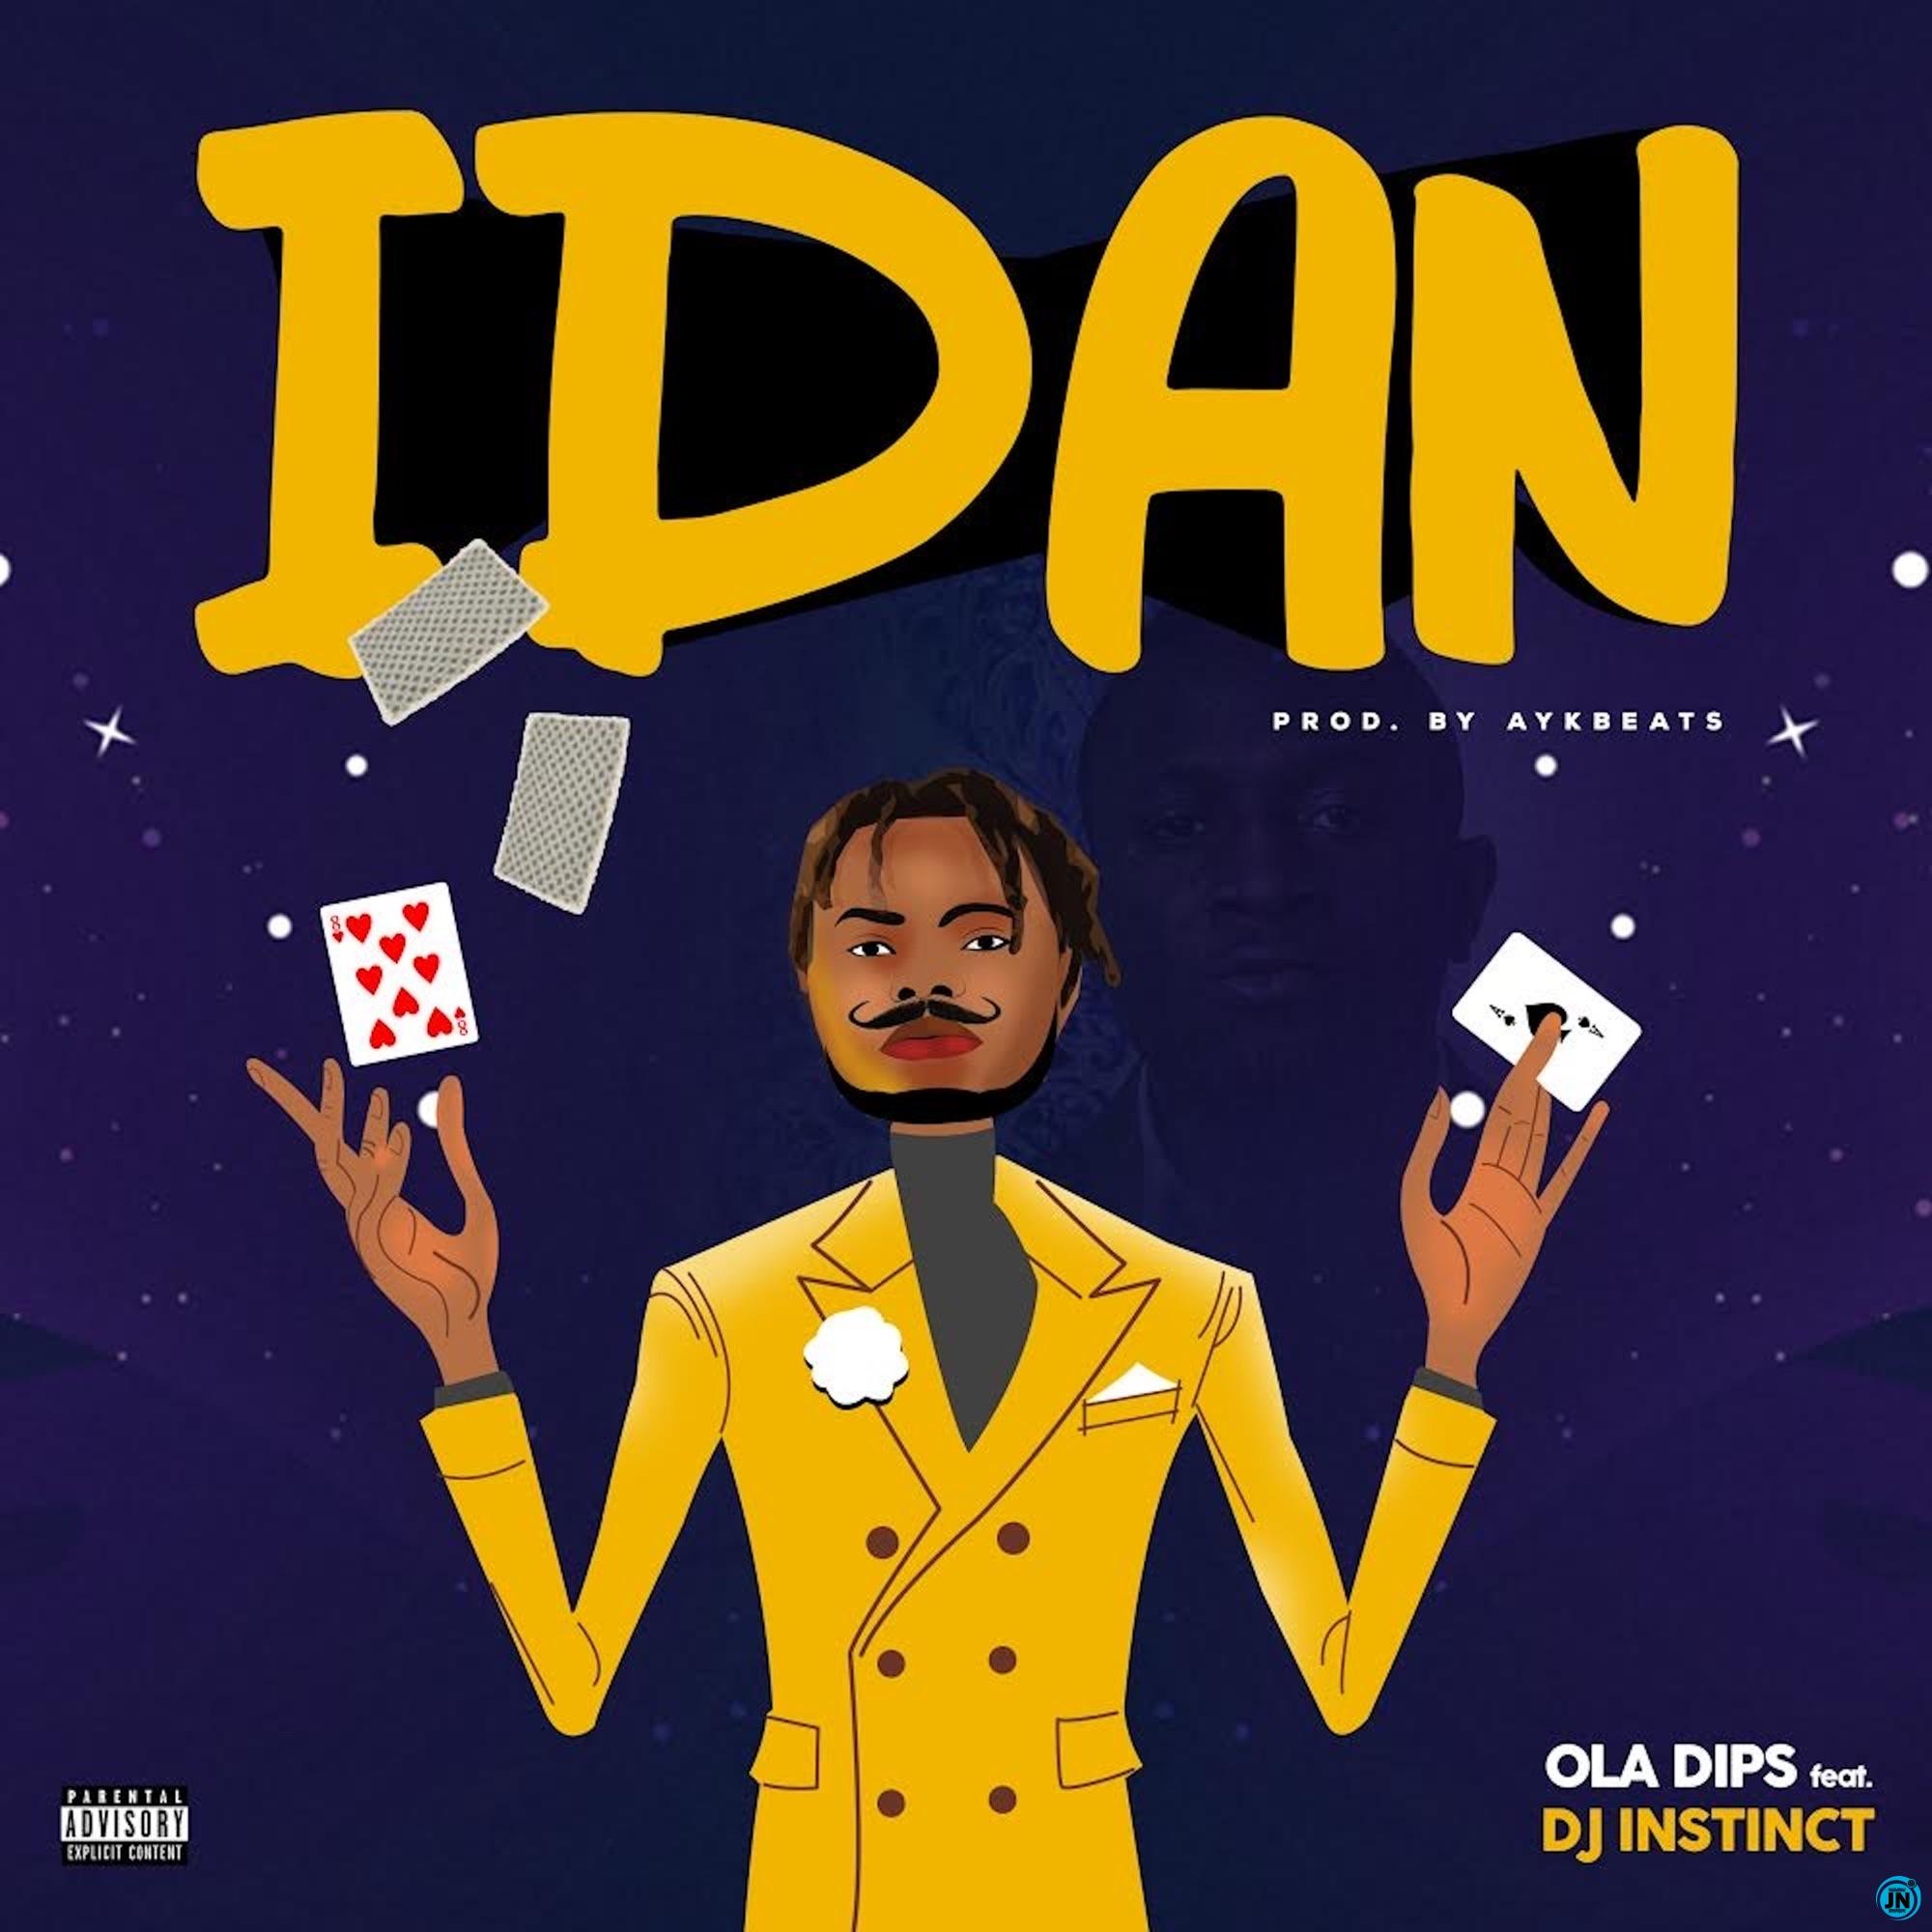 Oladips - Idan ft. DJ Instinct